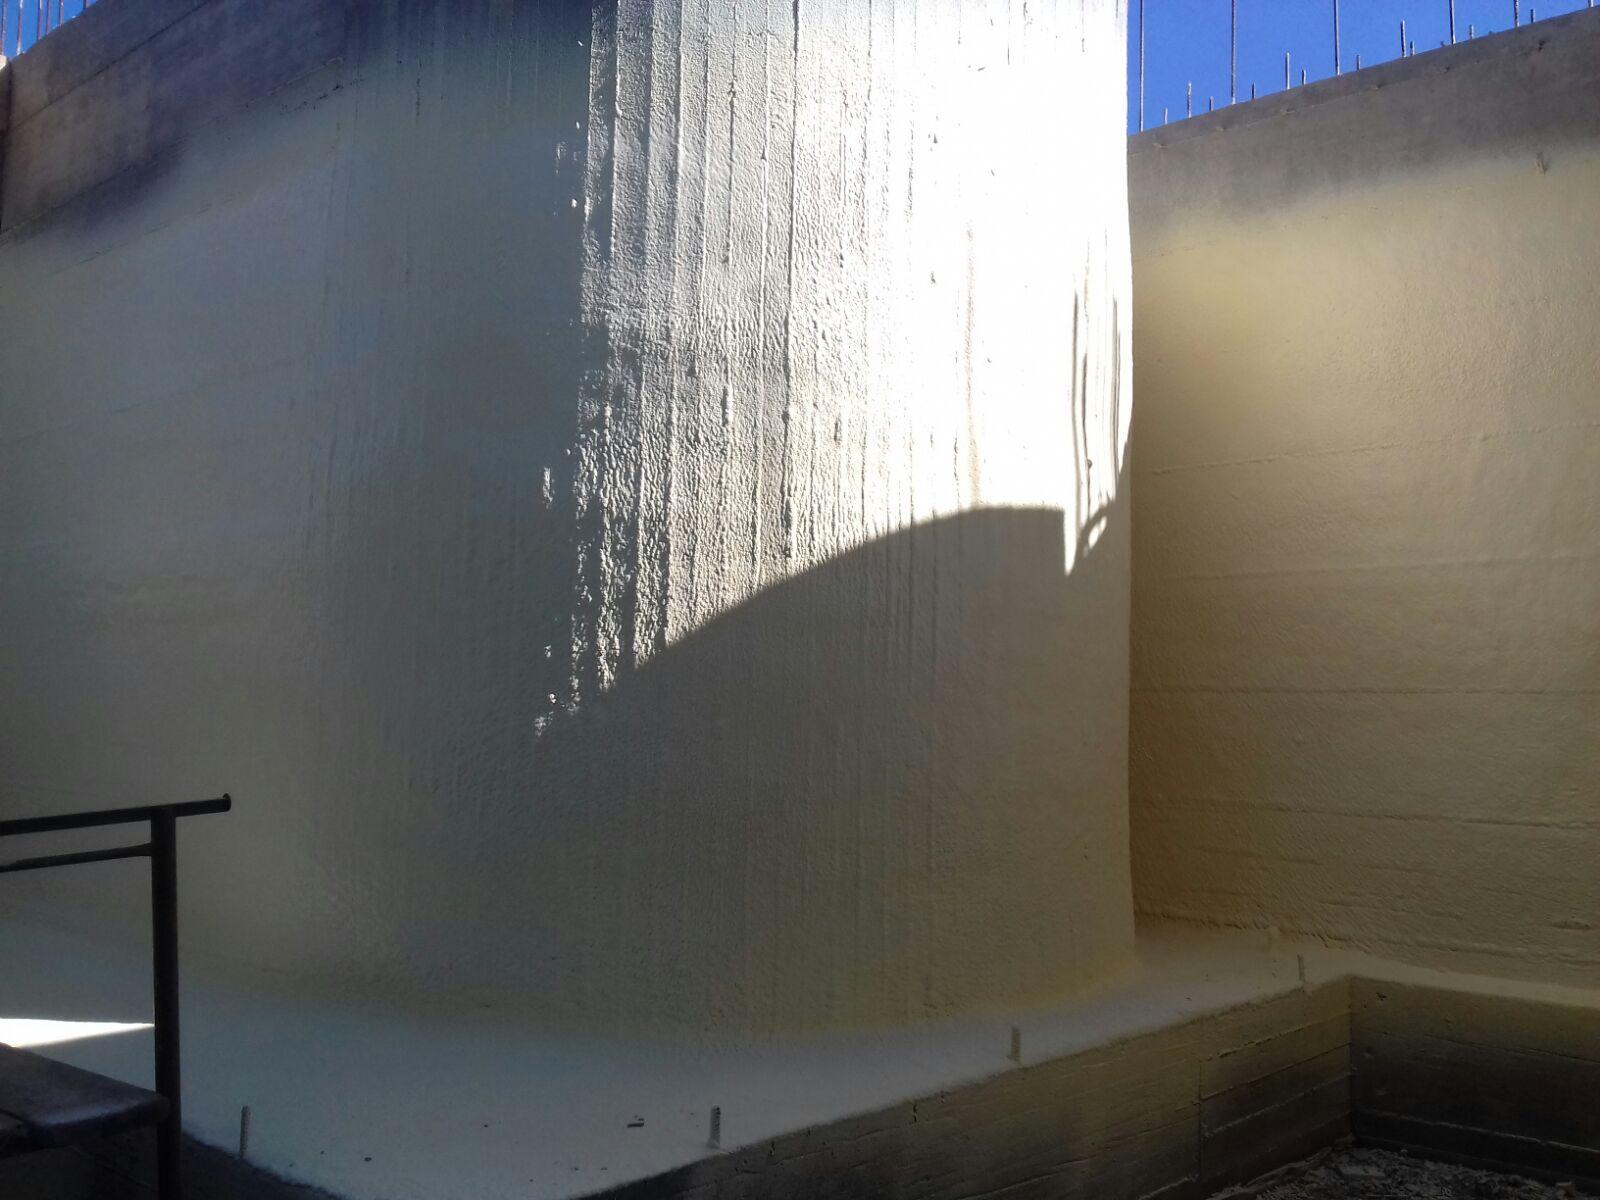 Lavori di impermeabilizzazione con schiuma poliuretanica ad alta densità per muri di fondazione